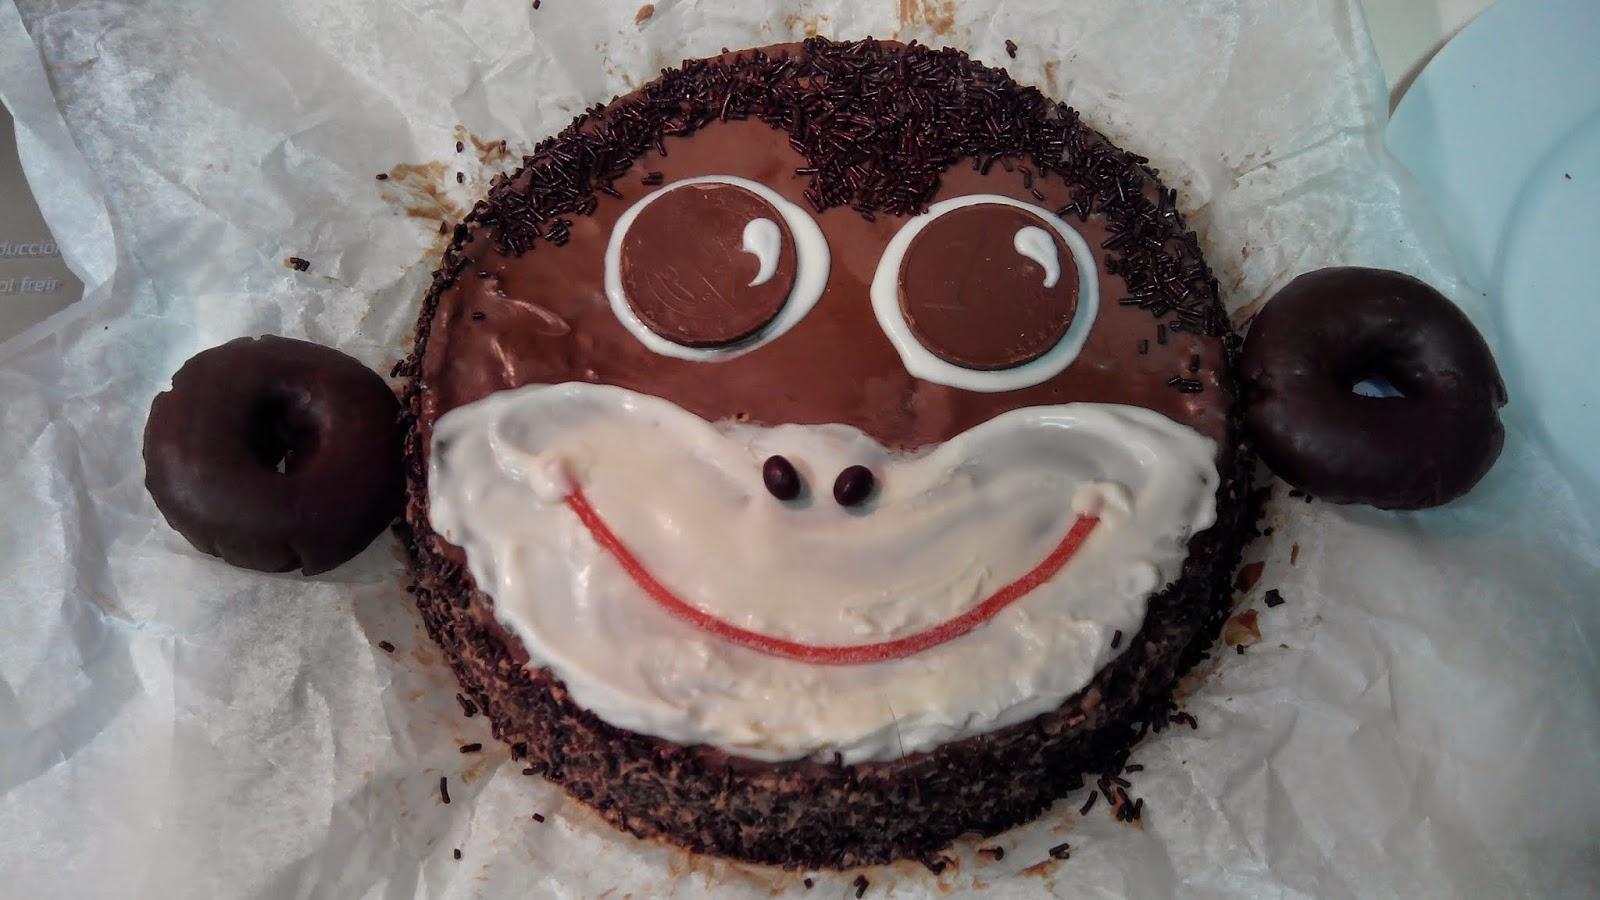 tarta mono de chocolate, tarta mono, mono de chocolate, tarta chocolate, cara de mono, pintando la mona, tarta animal, tarta divertida, tarta mona, tarta graciosa, tarta original, mono, chocolate, animal